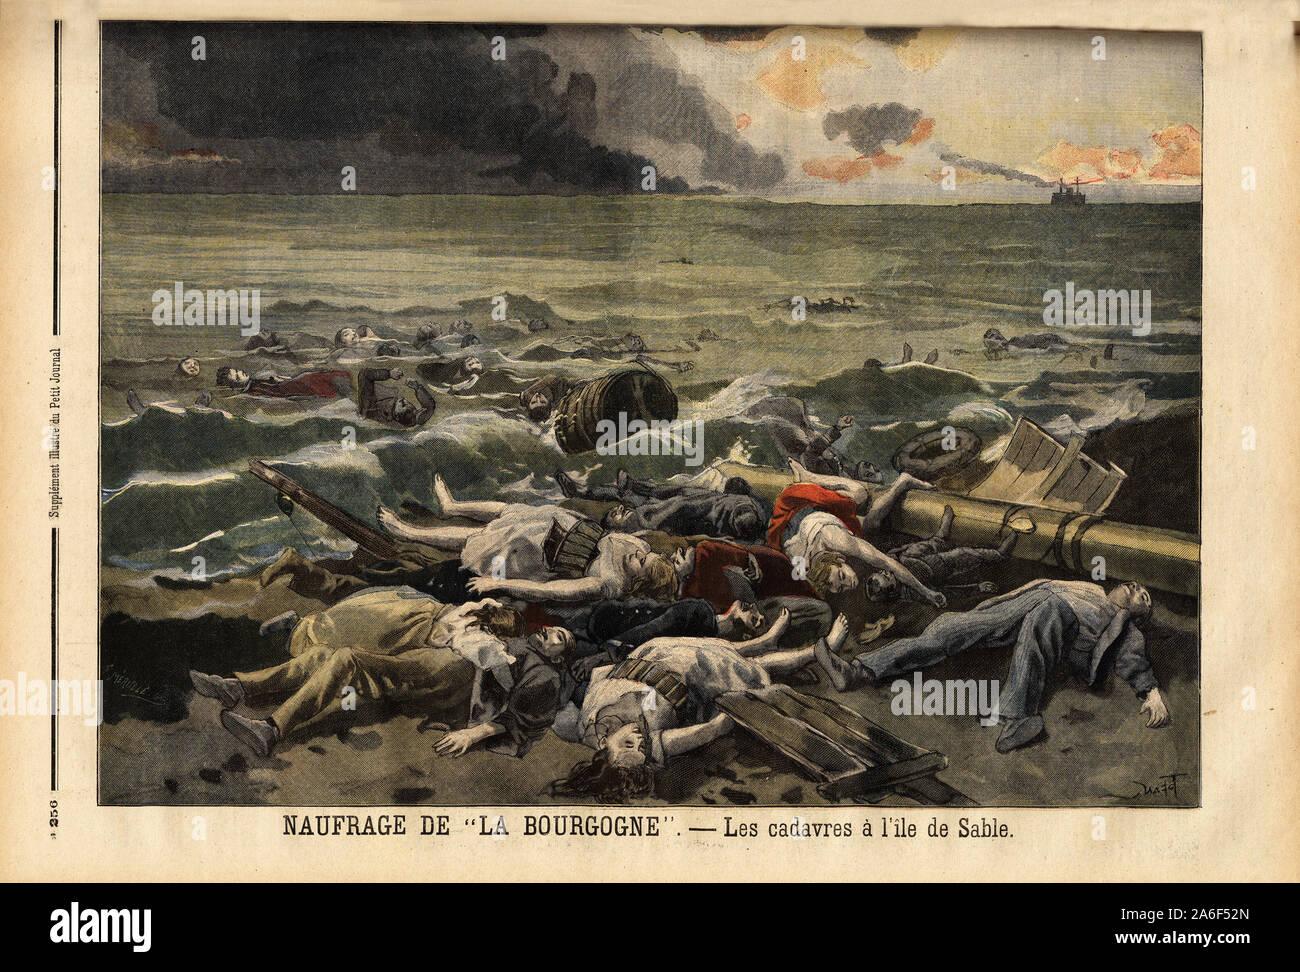 """Amoncellement des cadavres des naufrages du navire La bourgogne, sur l'ile de sable, au nord ouest d'Halifax. Gravure in """"Le petit journal"""" 7/8/1898. Stock Photo"""